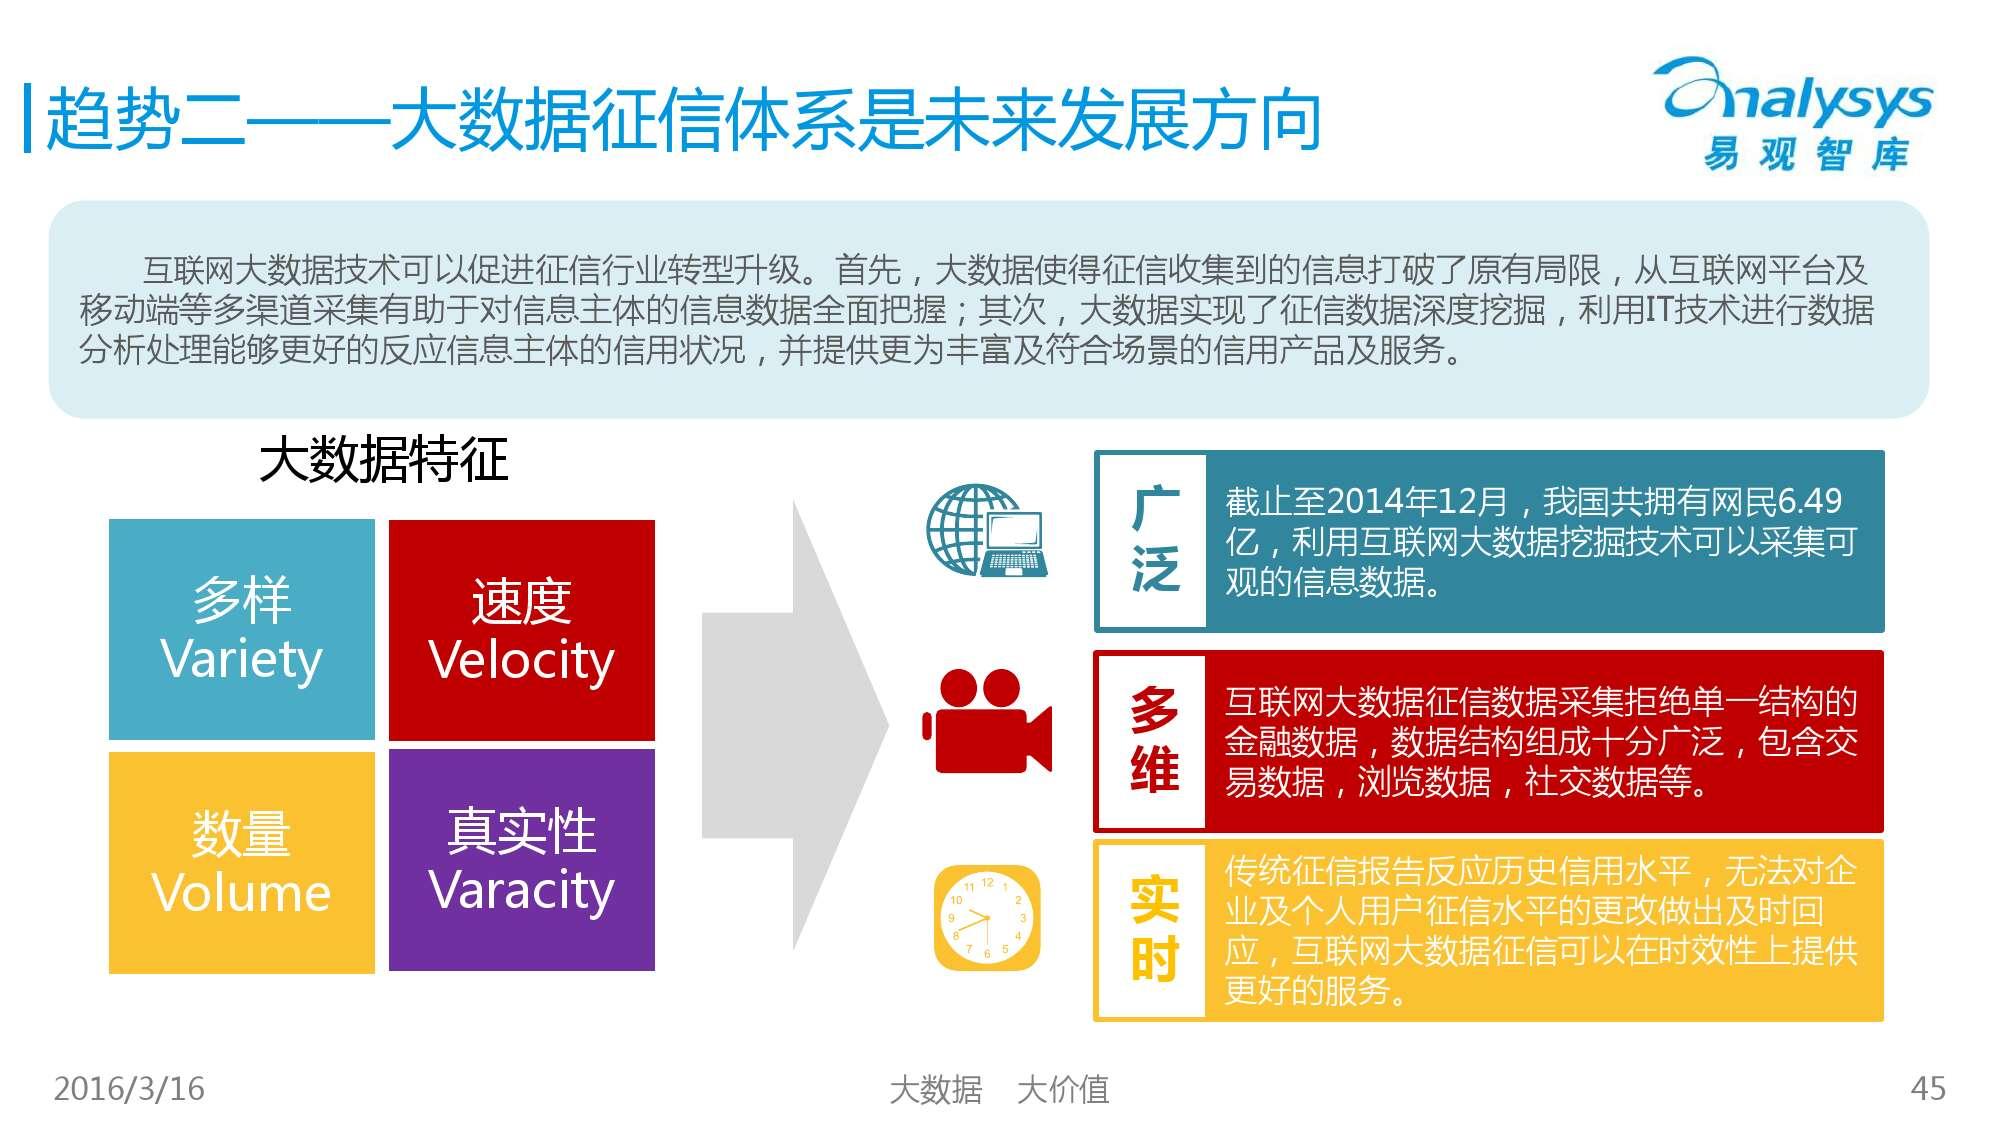 中国征信行业专题研究报告2016_000045